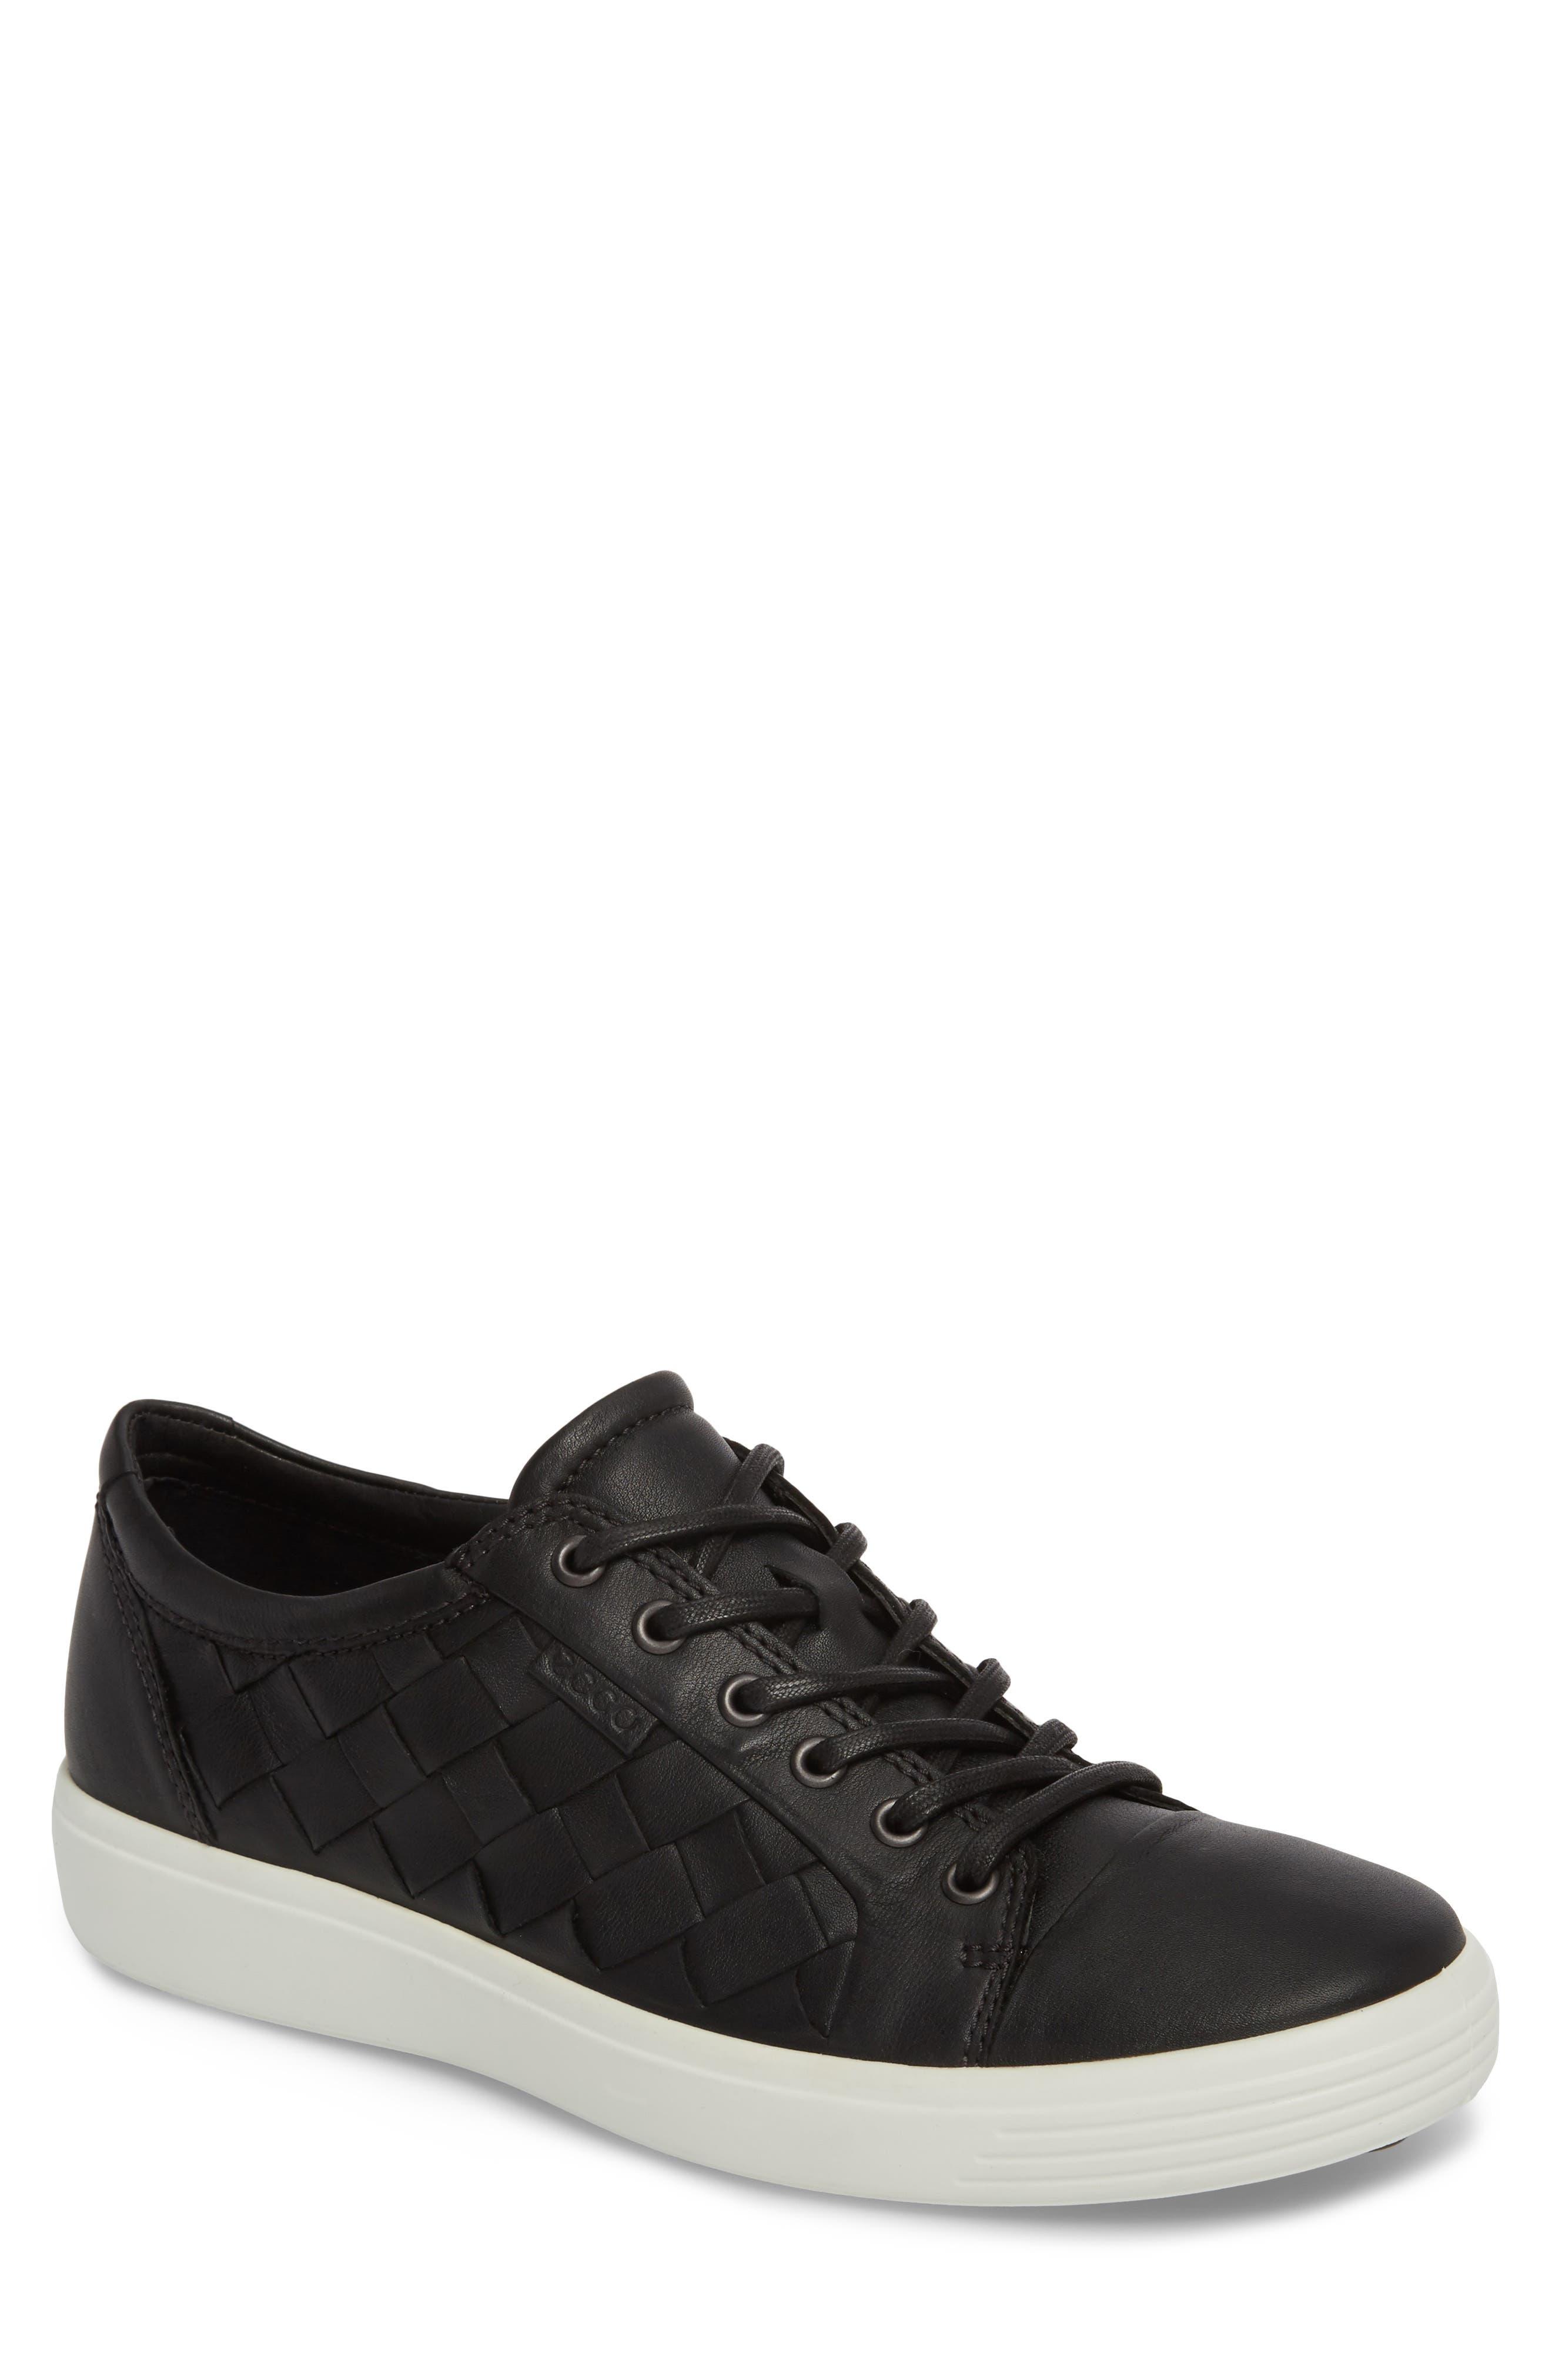 ECCO Soft 7 Woven Sneaker, Main, color, 009